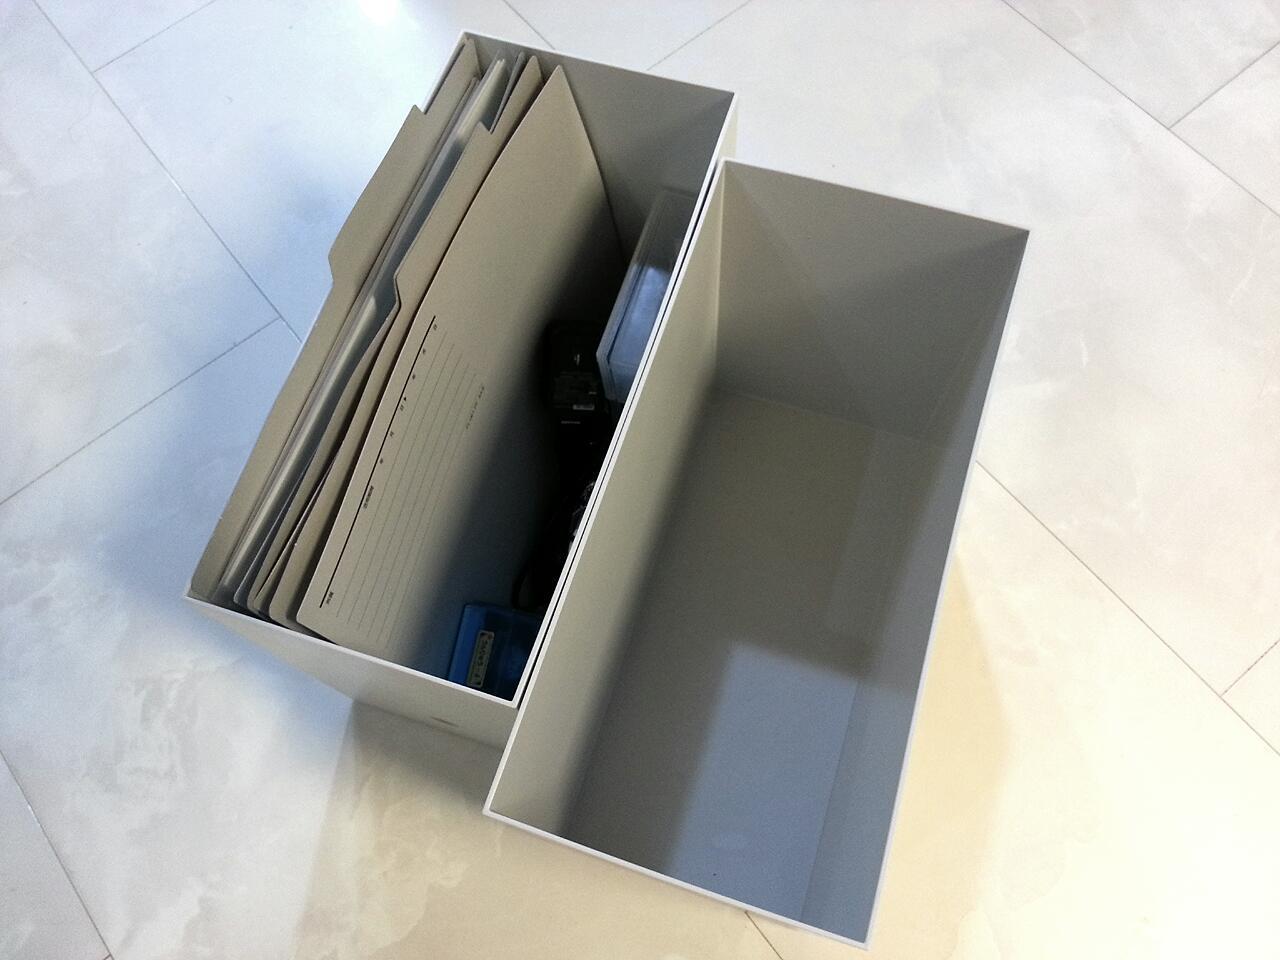 パパ 書類収納 整理後 無印良品 ポリプロピレンファイルボックス